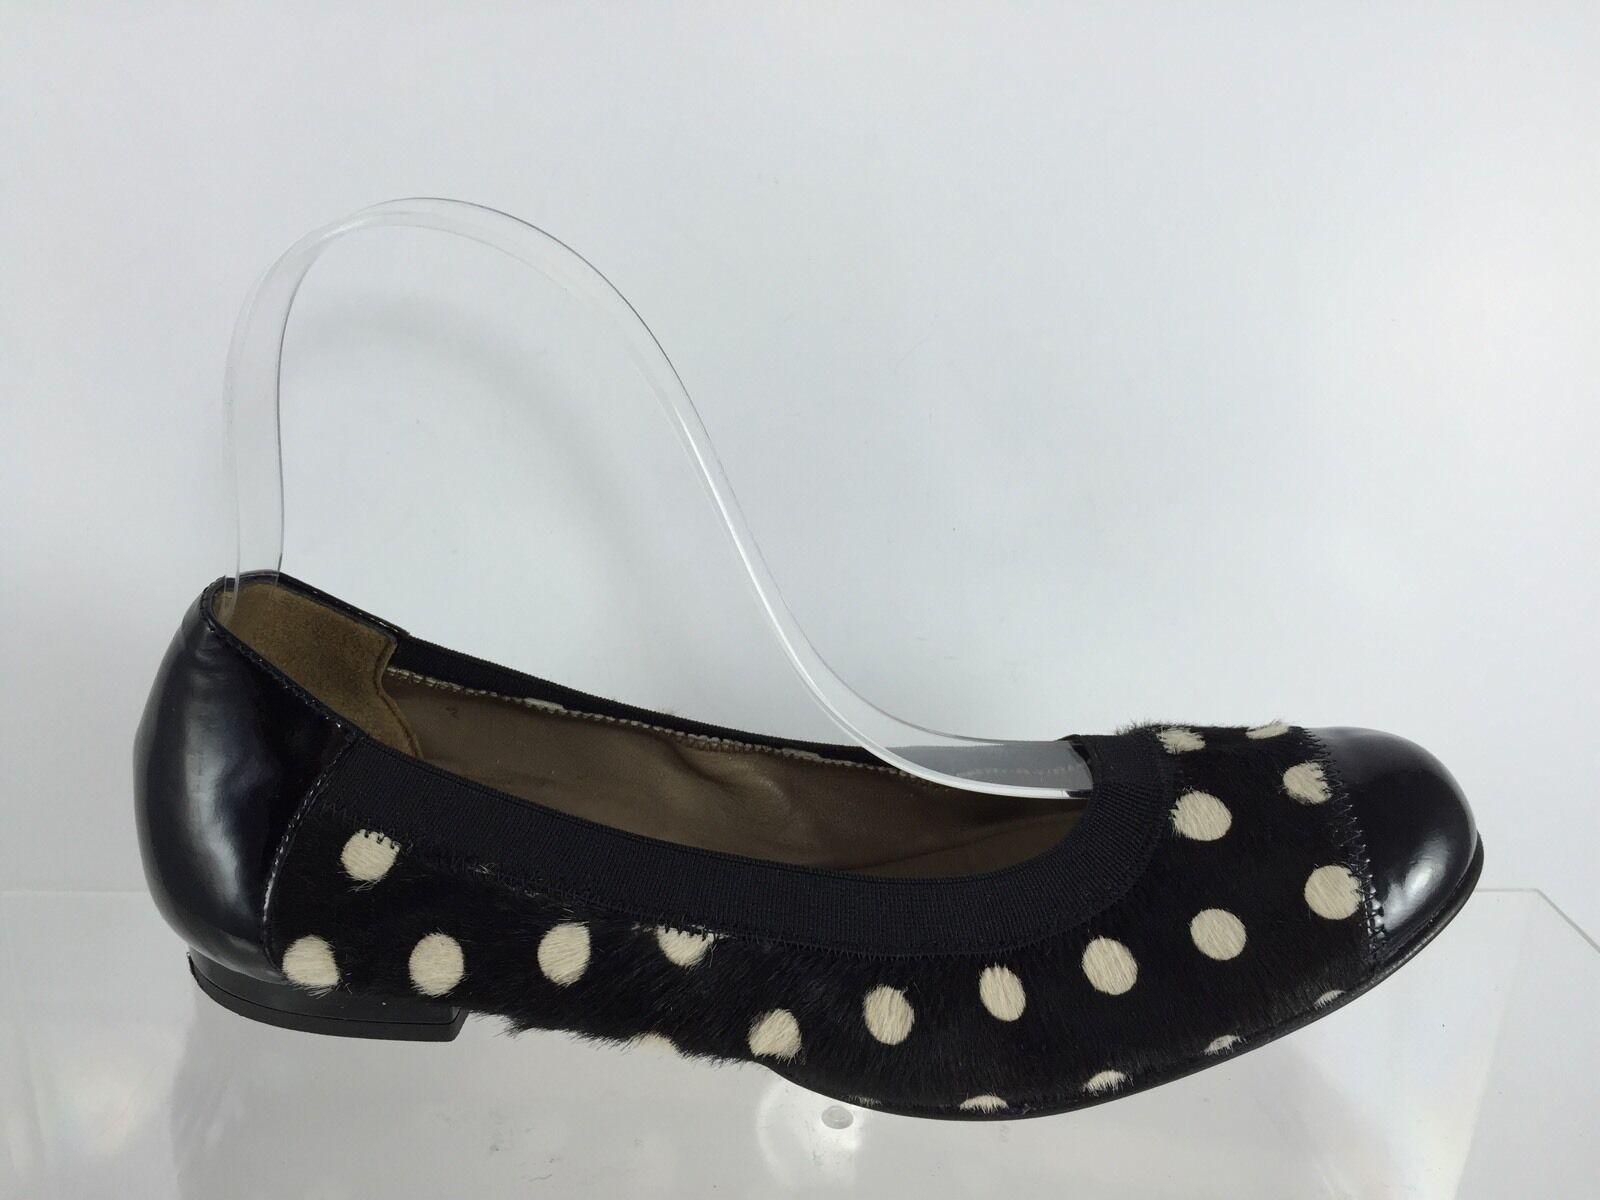 Anyi Lu Womens Black/White Polka Dot Leather Flats 36